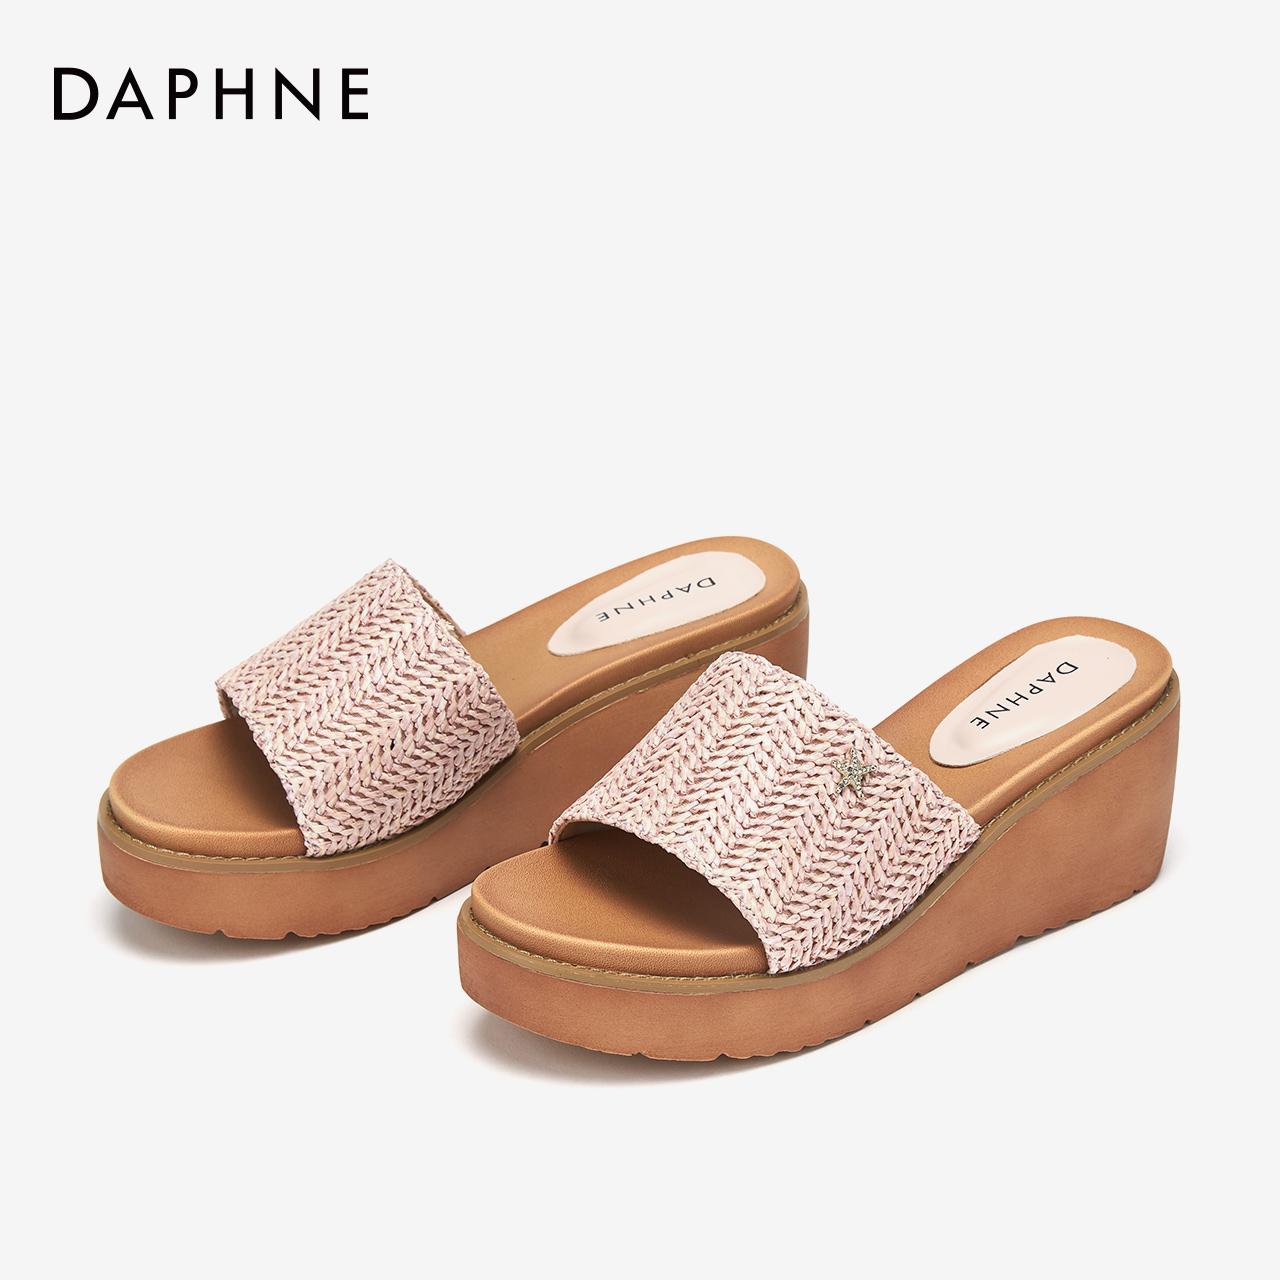 达芙妮坡跟鞋 达芙妮凉拖鞋女2020夏新款女鞋正品拖鞋女坡跟舒适高坡跟凉拖_推荐淘宝好看的达芙妮坡跟鞋